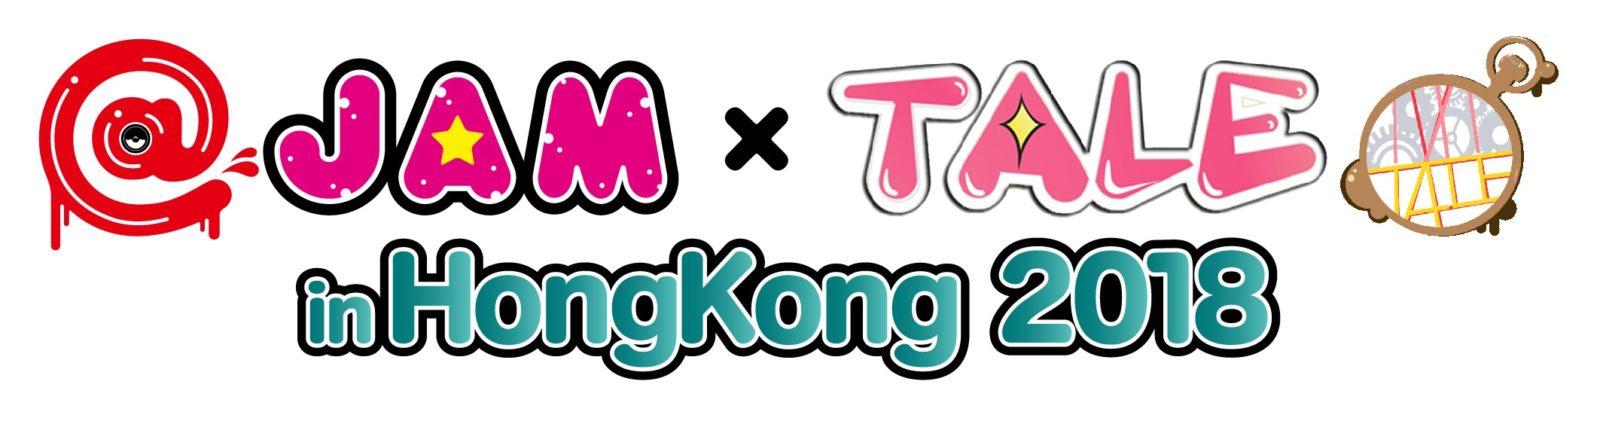 あゆみくりかまき、東京女子流ら出演!@JAM×TALE in Hong Kong 2018 開催と出演者発表サムネイル画像